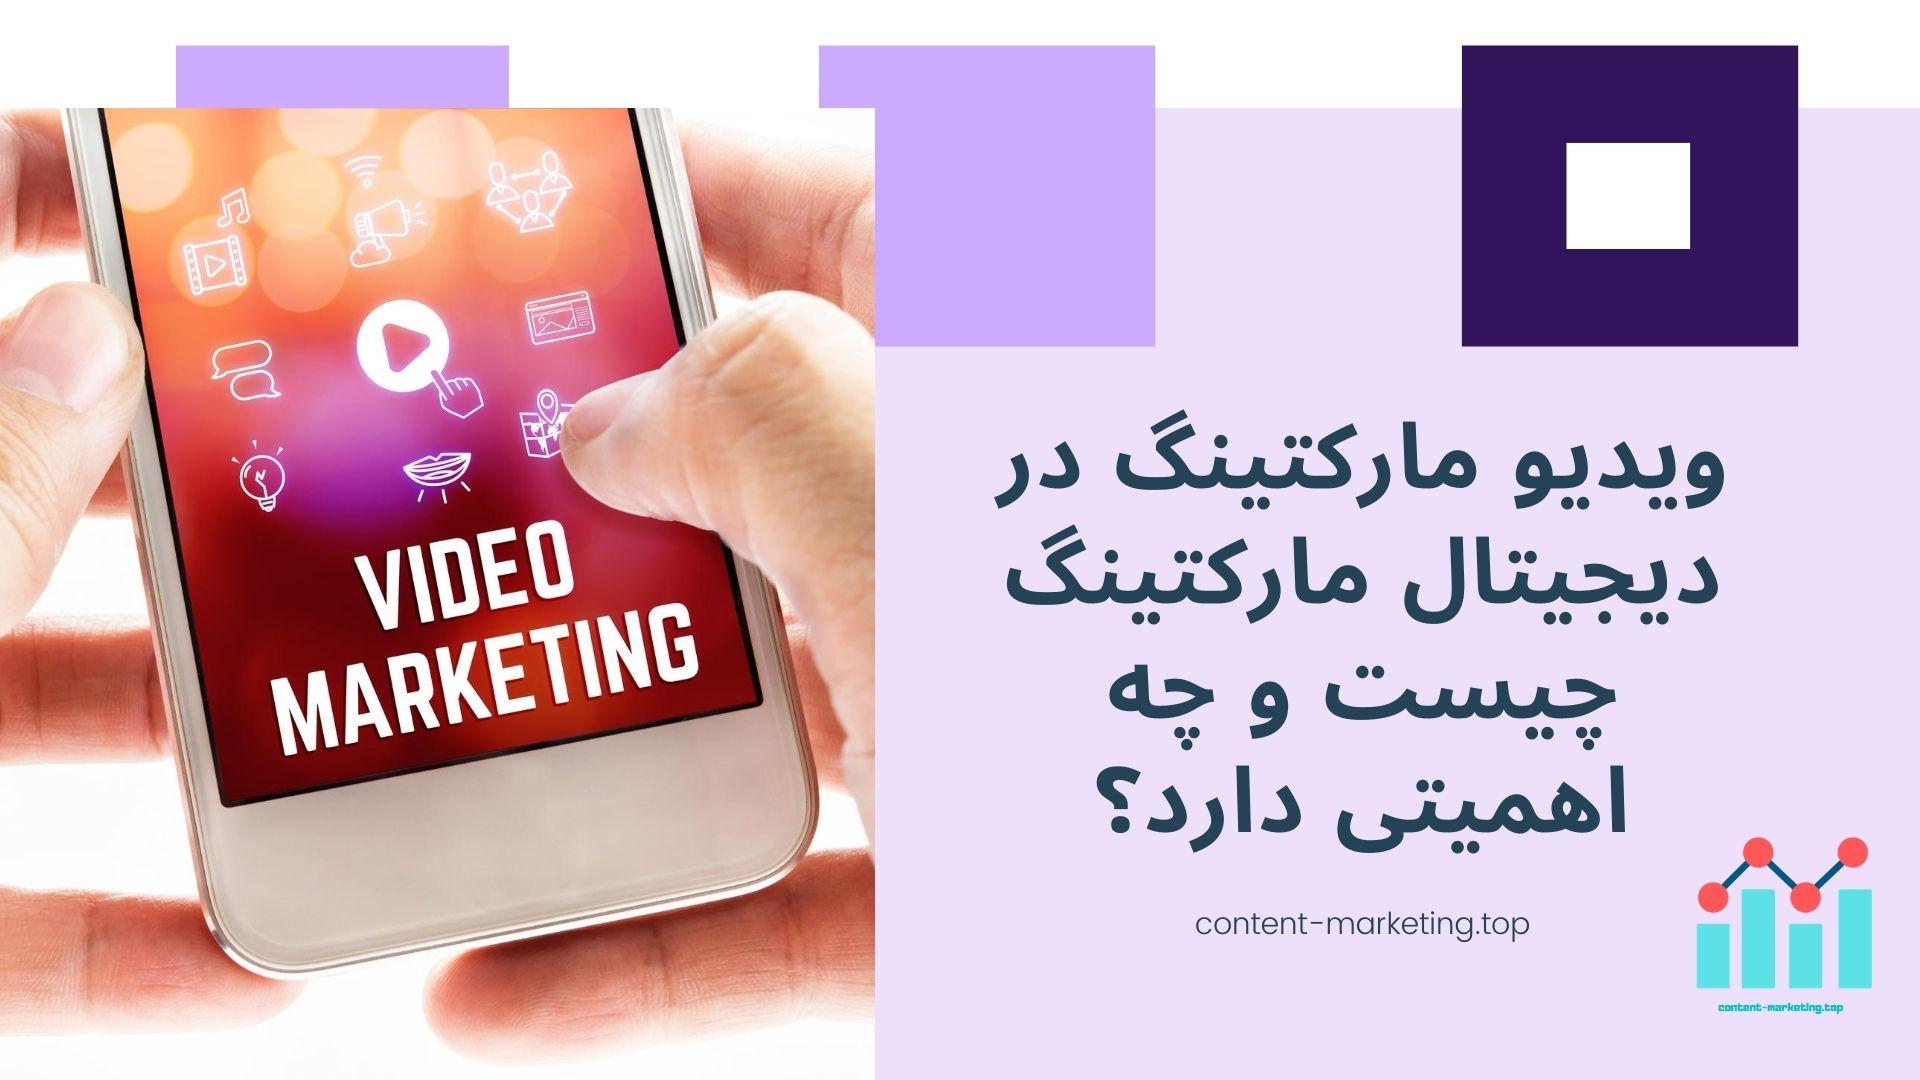 ویدیو مارکتینگ در دیجیتال مارکتینگ چیست و چه اهمیتی دارد؟